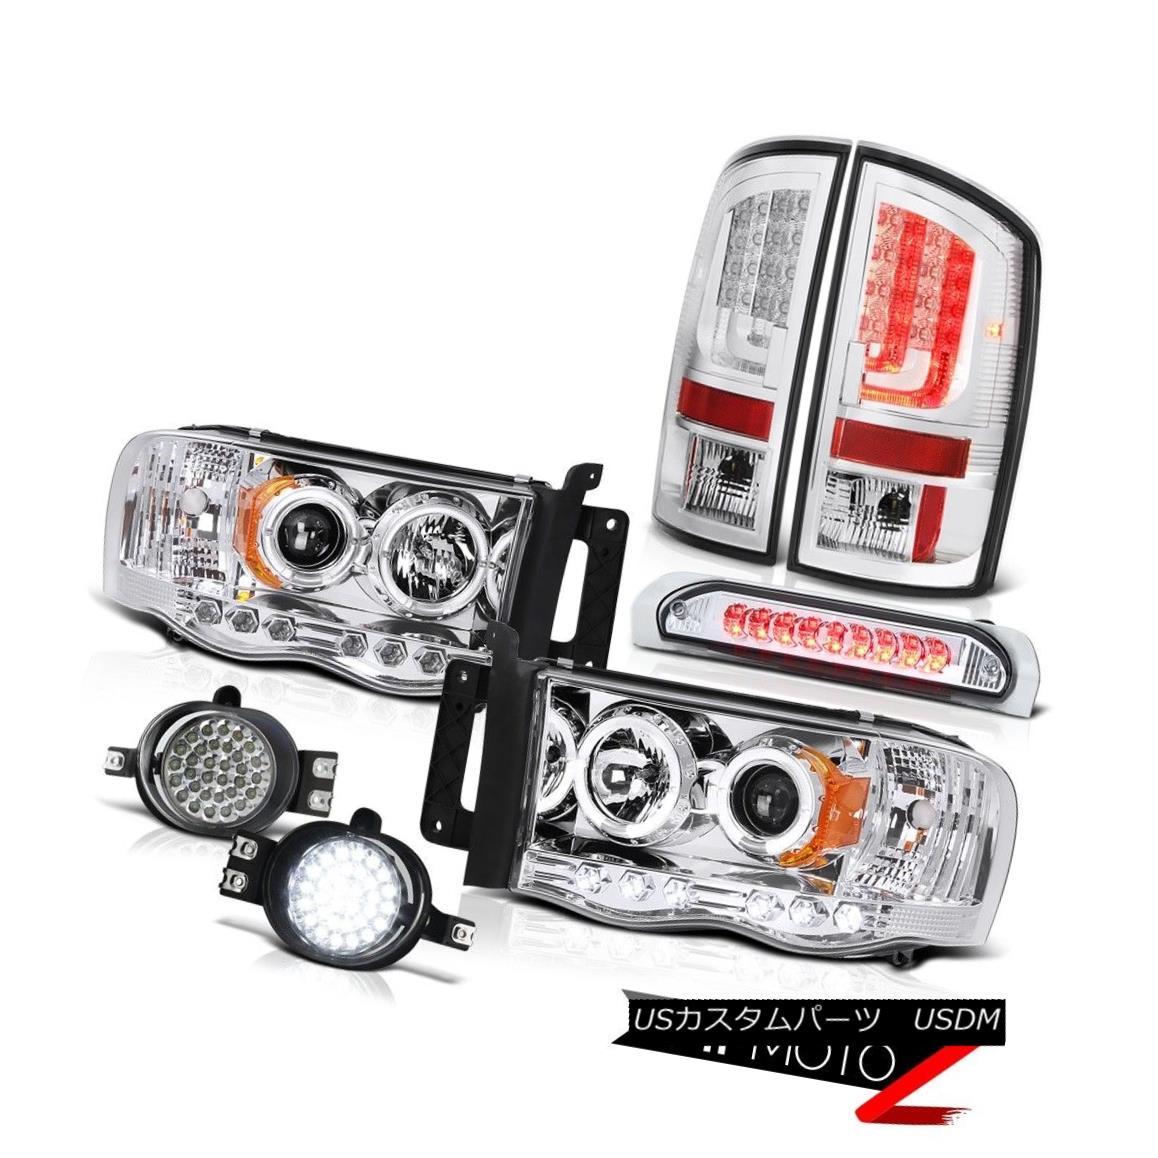 テールライト 2002-2005 Dodge Ram 2500 5.9L Tail Brake Lamps Headlamps Foglamps Roof Cab Light 2002-2005 Dodge Ram 2500 5.9Lテールブレーキランプヘッドランプフォグランプルーフキャブライト